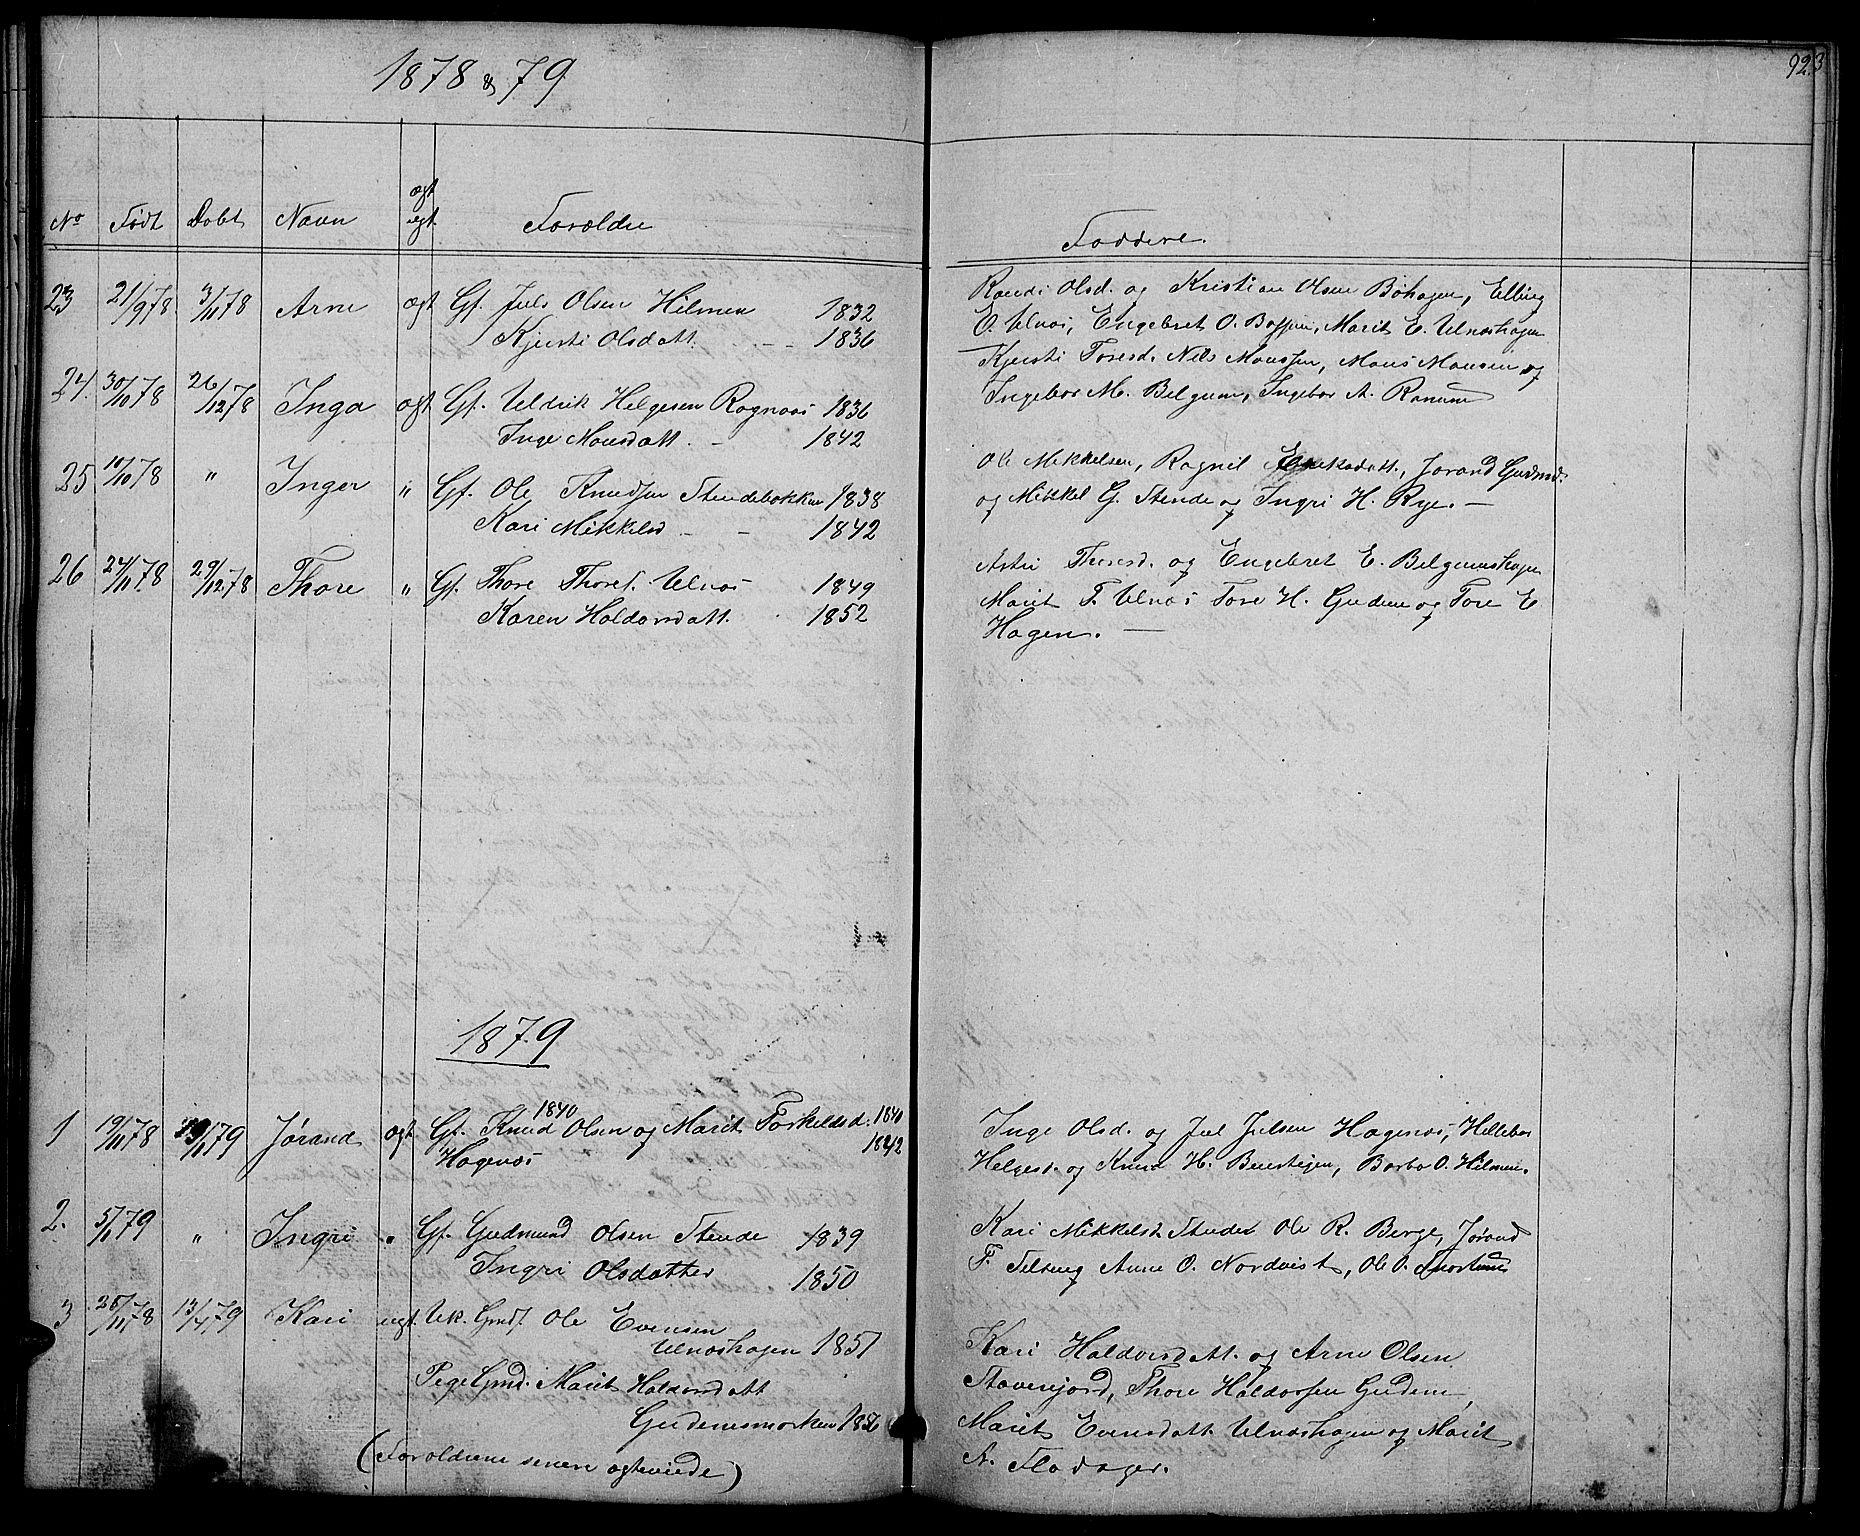 SAH, Nord-Aurdal prestekontor, Klokkerbok nr. 4, 1842-1882, s. 92